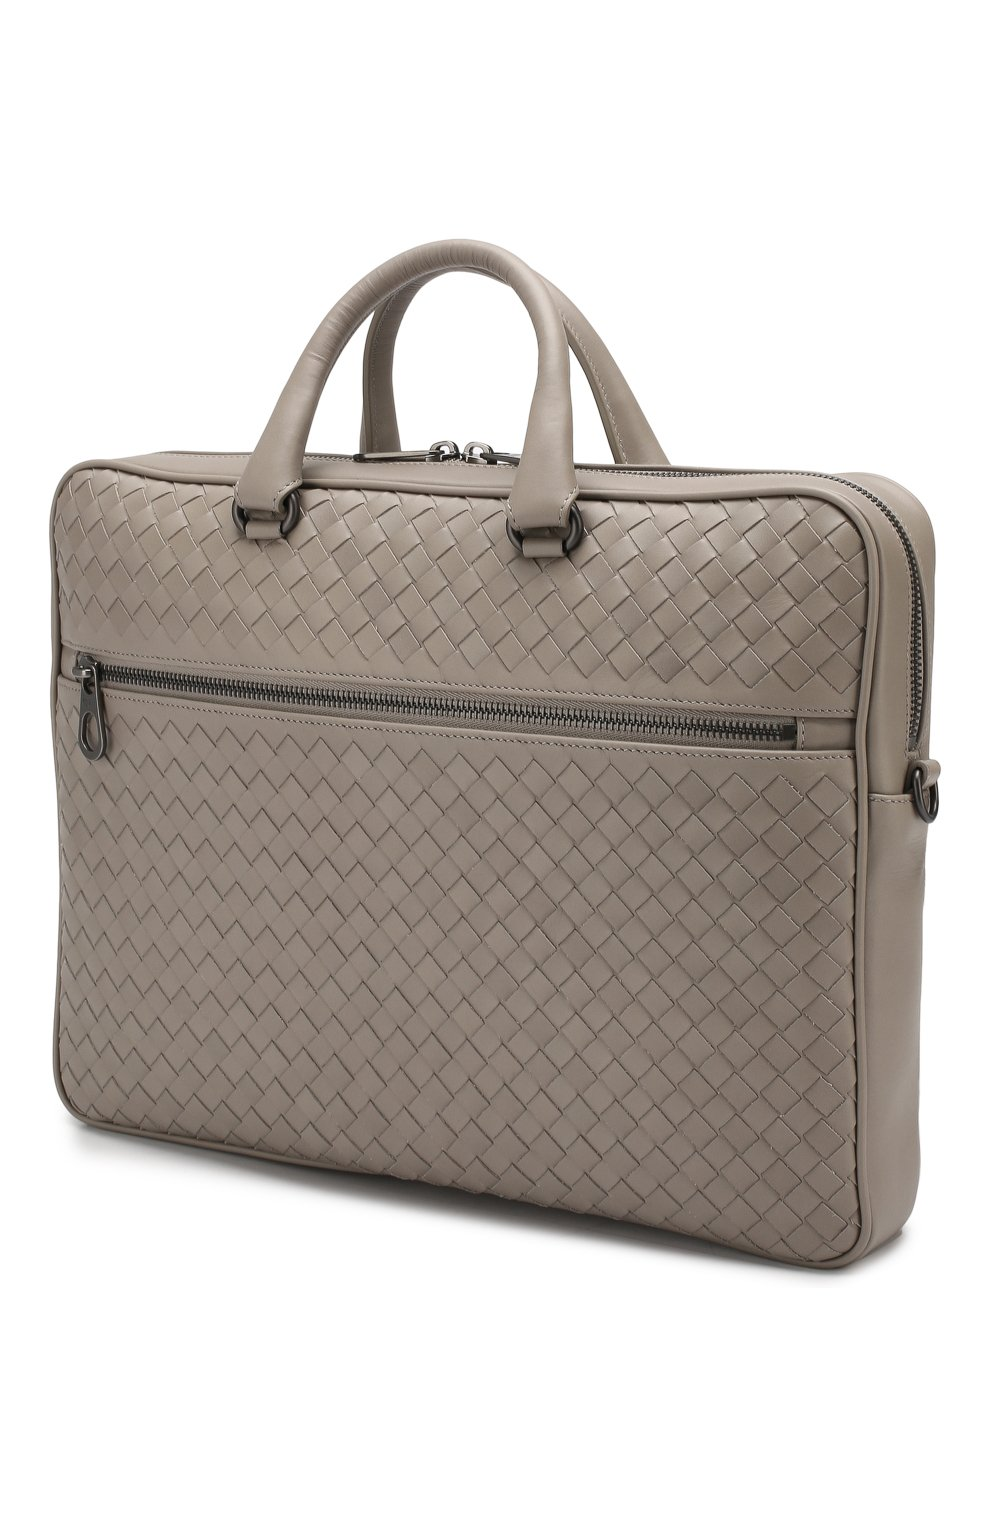 50633fceb1dd Мужские сумки Fendi купить в интернет-магазине ЦУМ - товар распродан